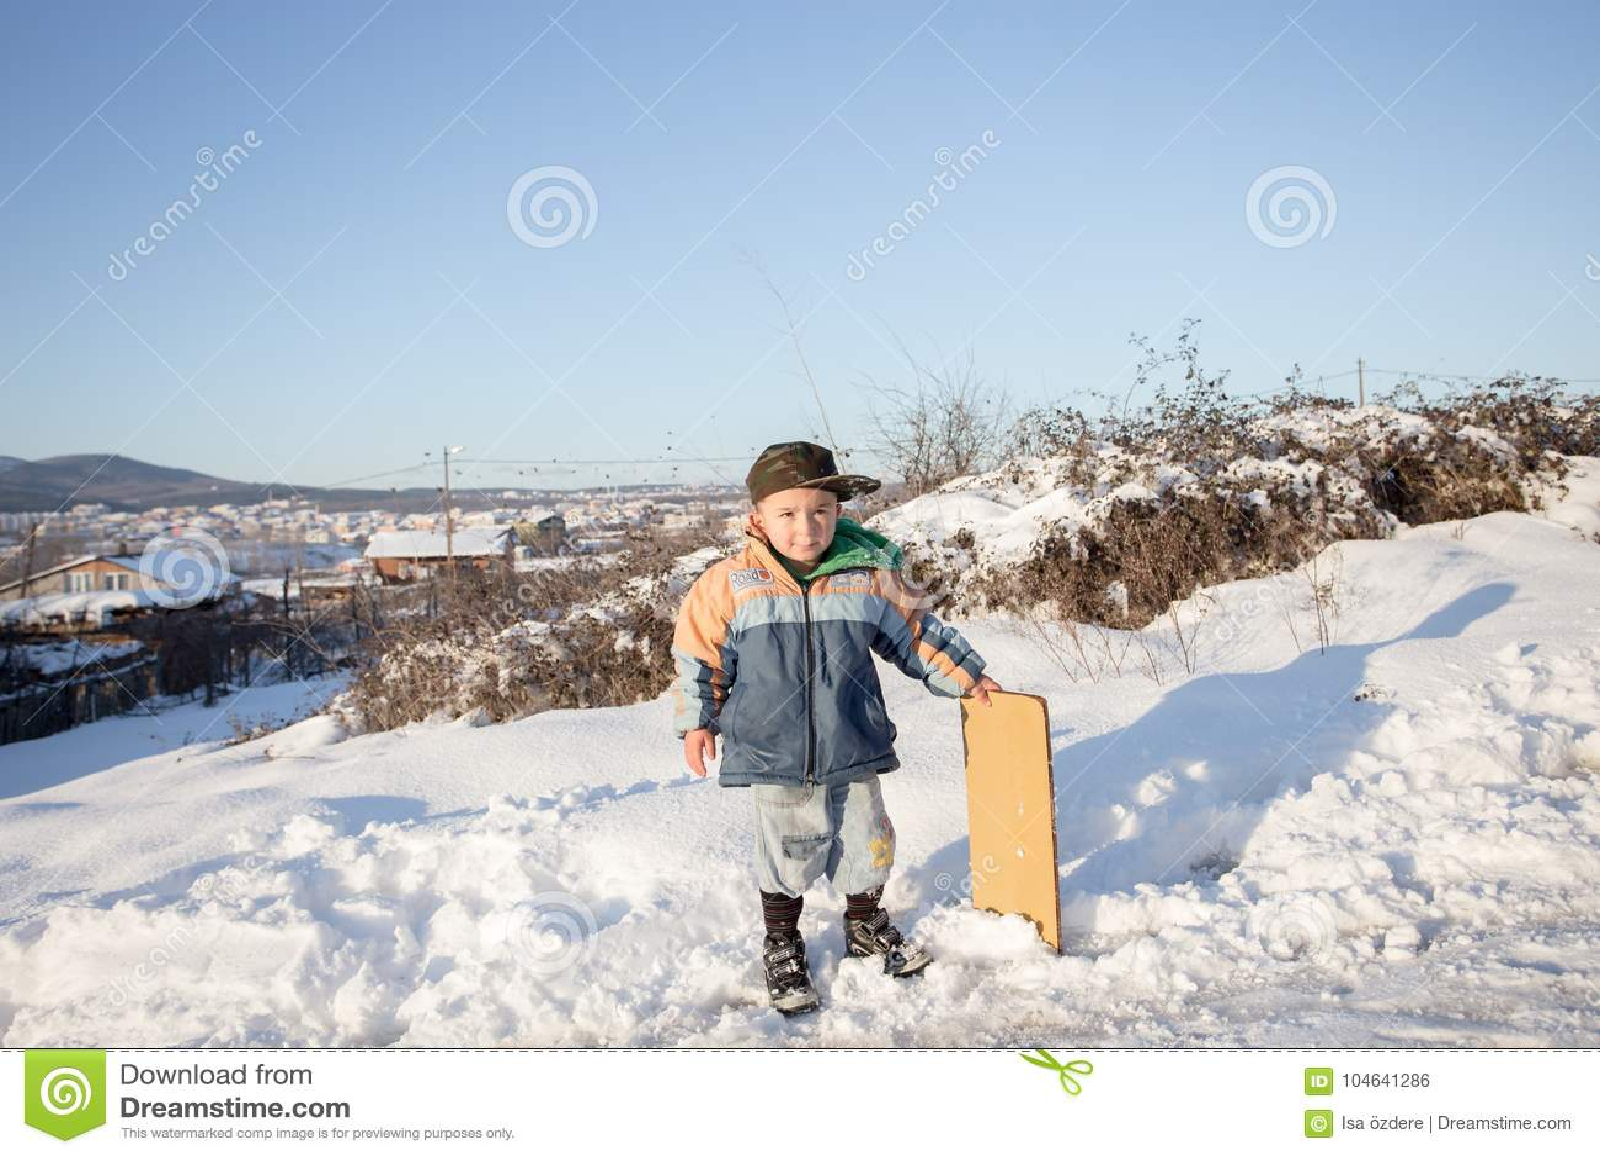 Download De Kinderen Glijden Op Sneeuw In Oude Schoolstijl Met Hardhout Redactionele Foto - Afbeelding bestaande uit spel, activiteit: 104641286